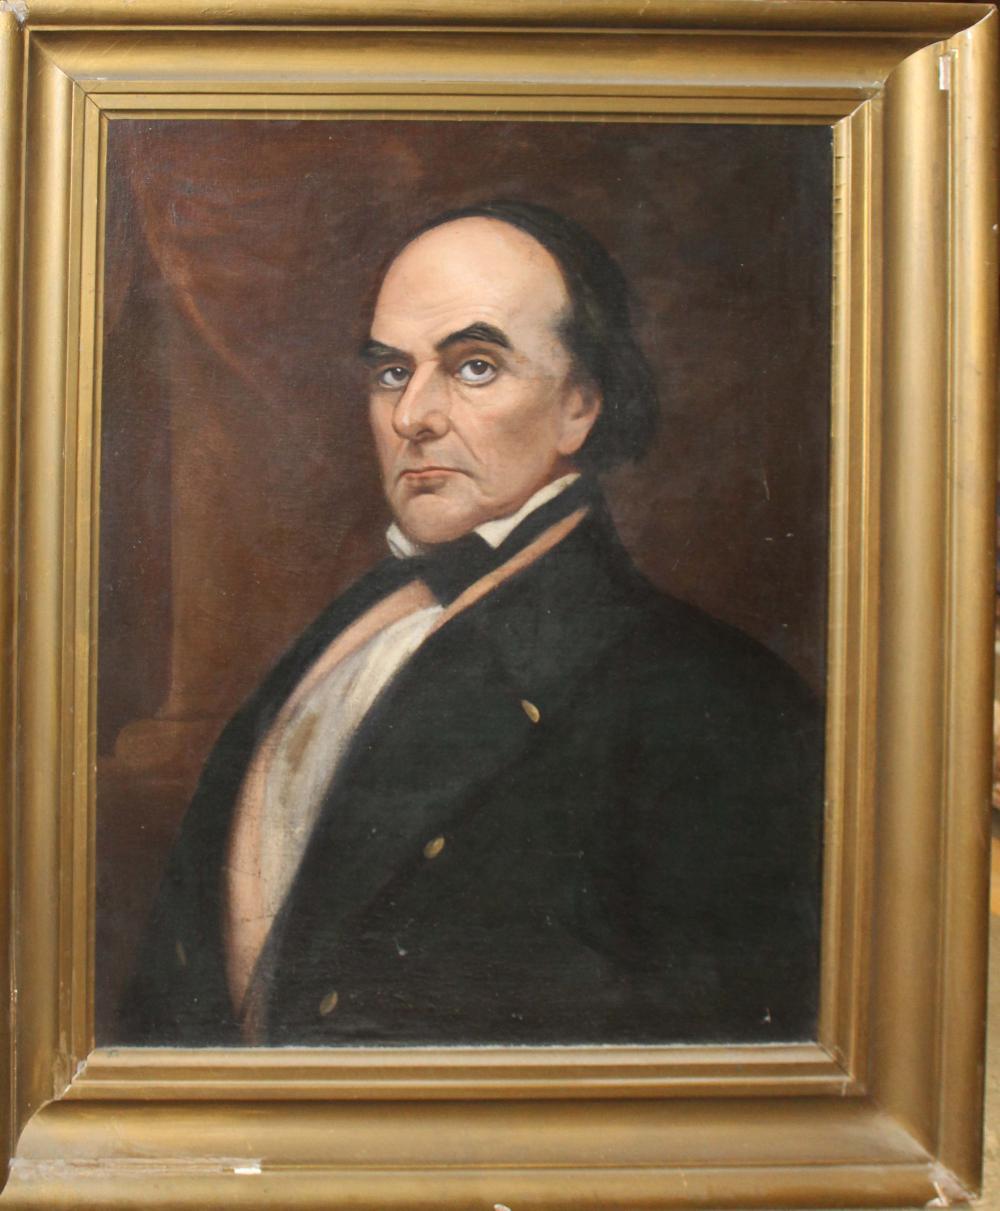 19th c American School Portrait of Daniel Webster